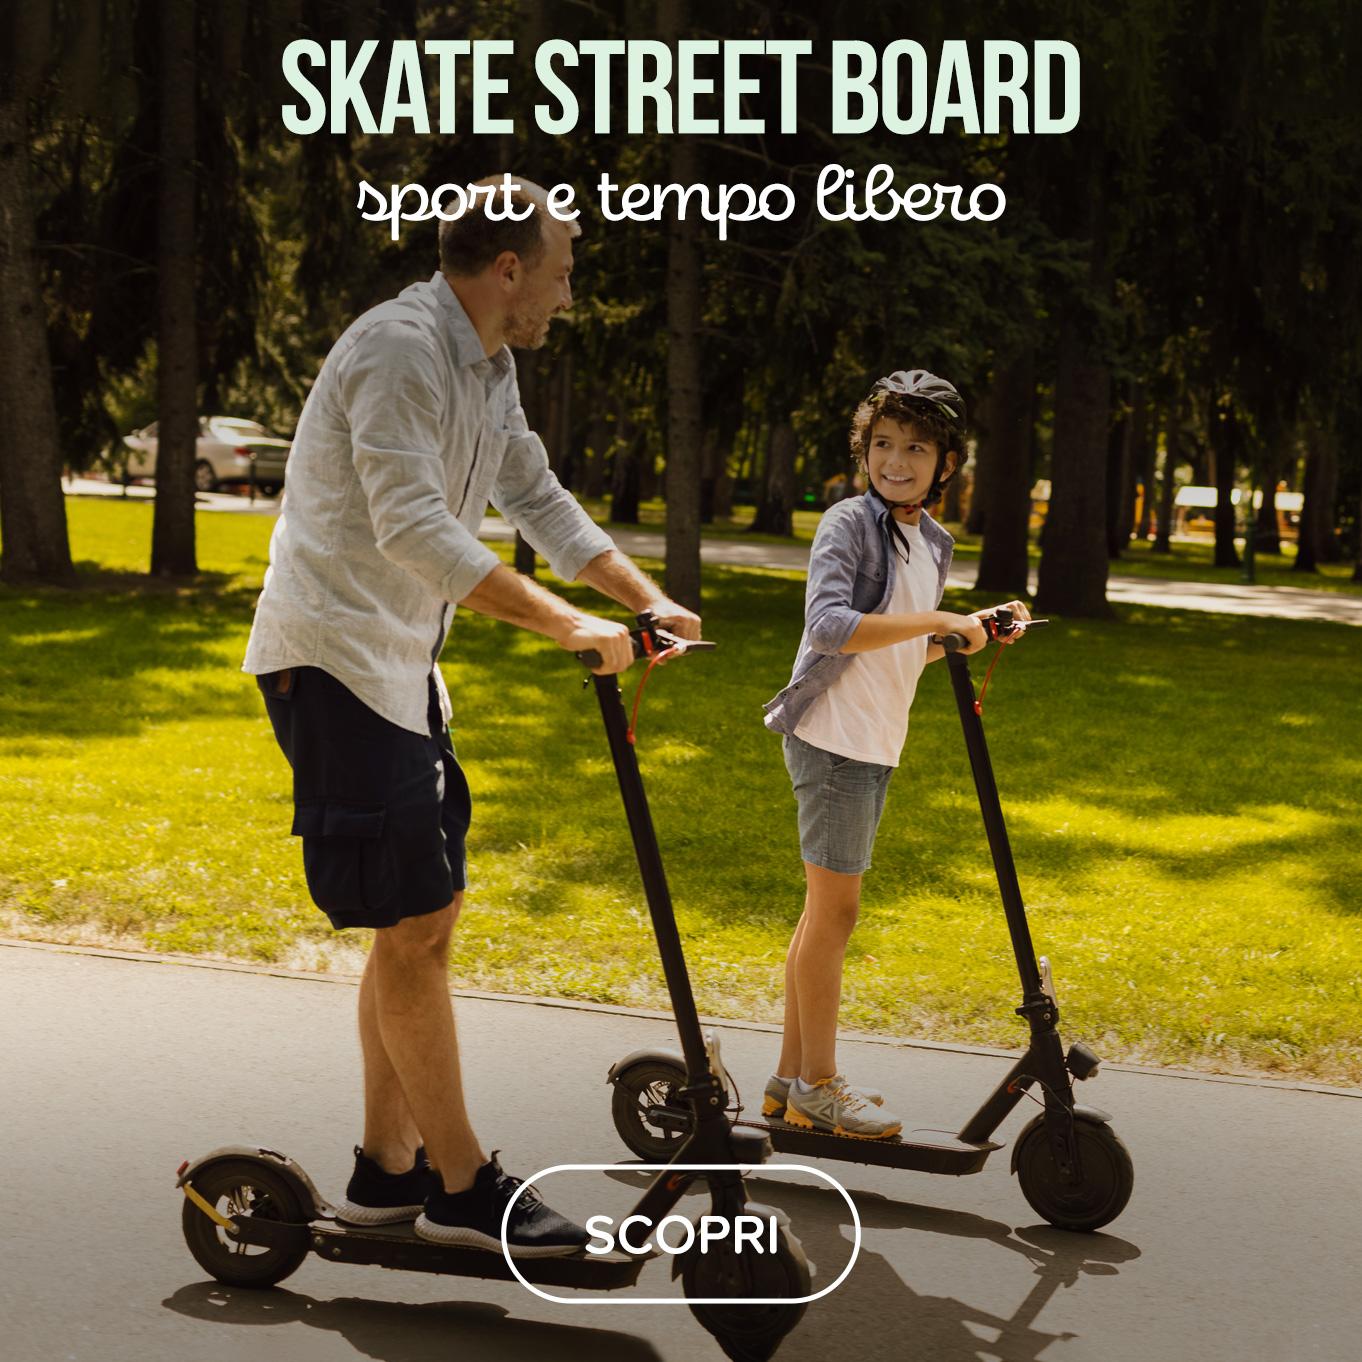 Skate street board